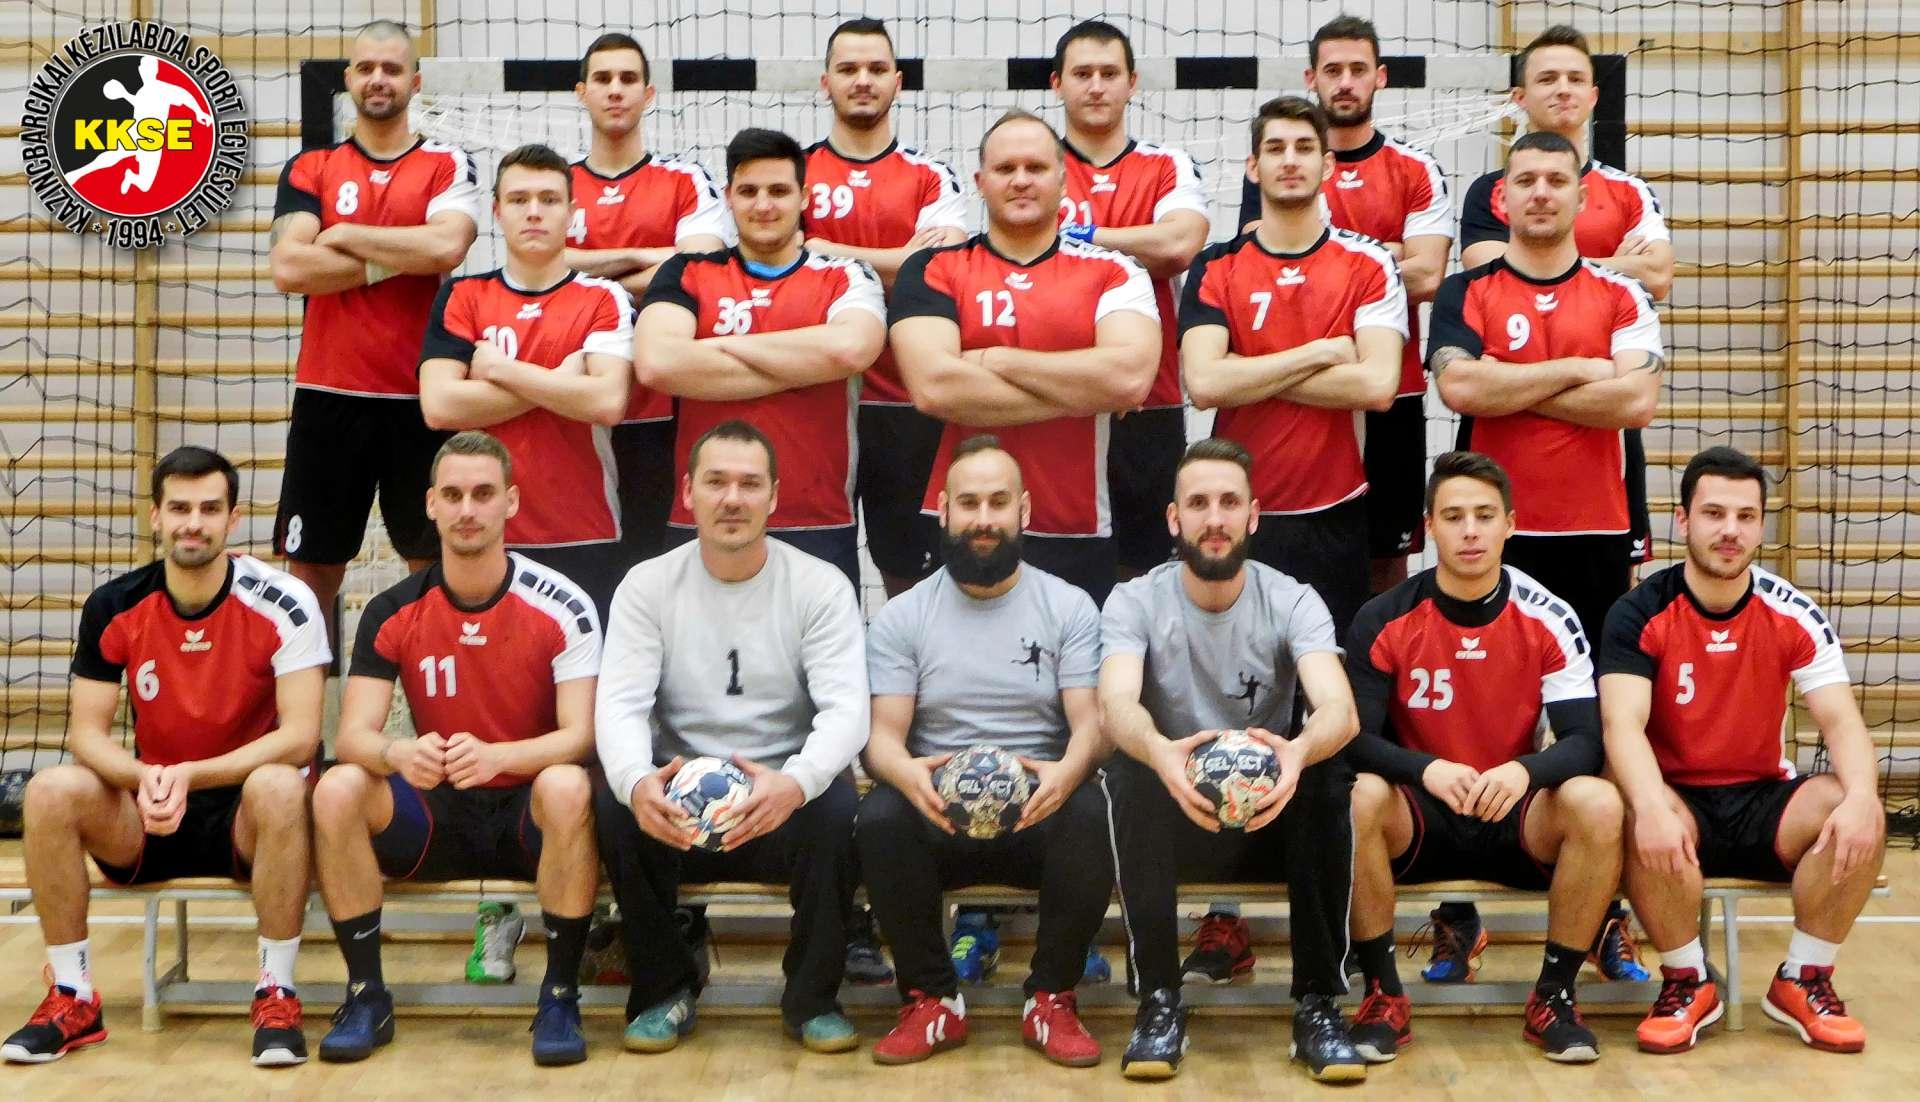 http://kolorline.hu/Továbbra is listavezető a KKSE férfi csapata